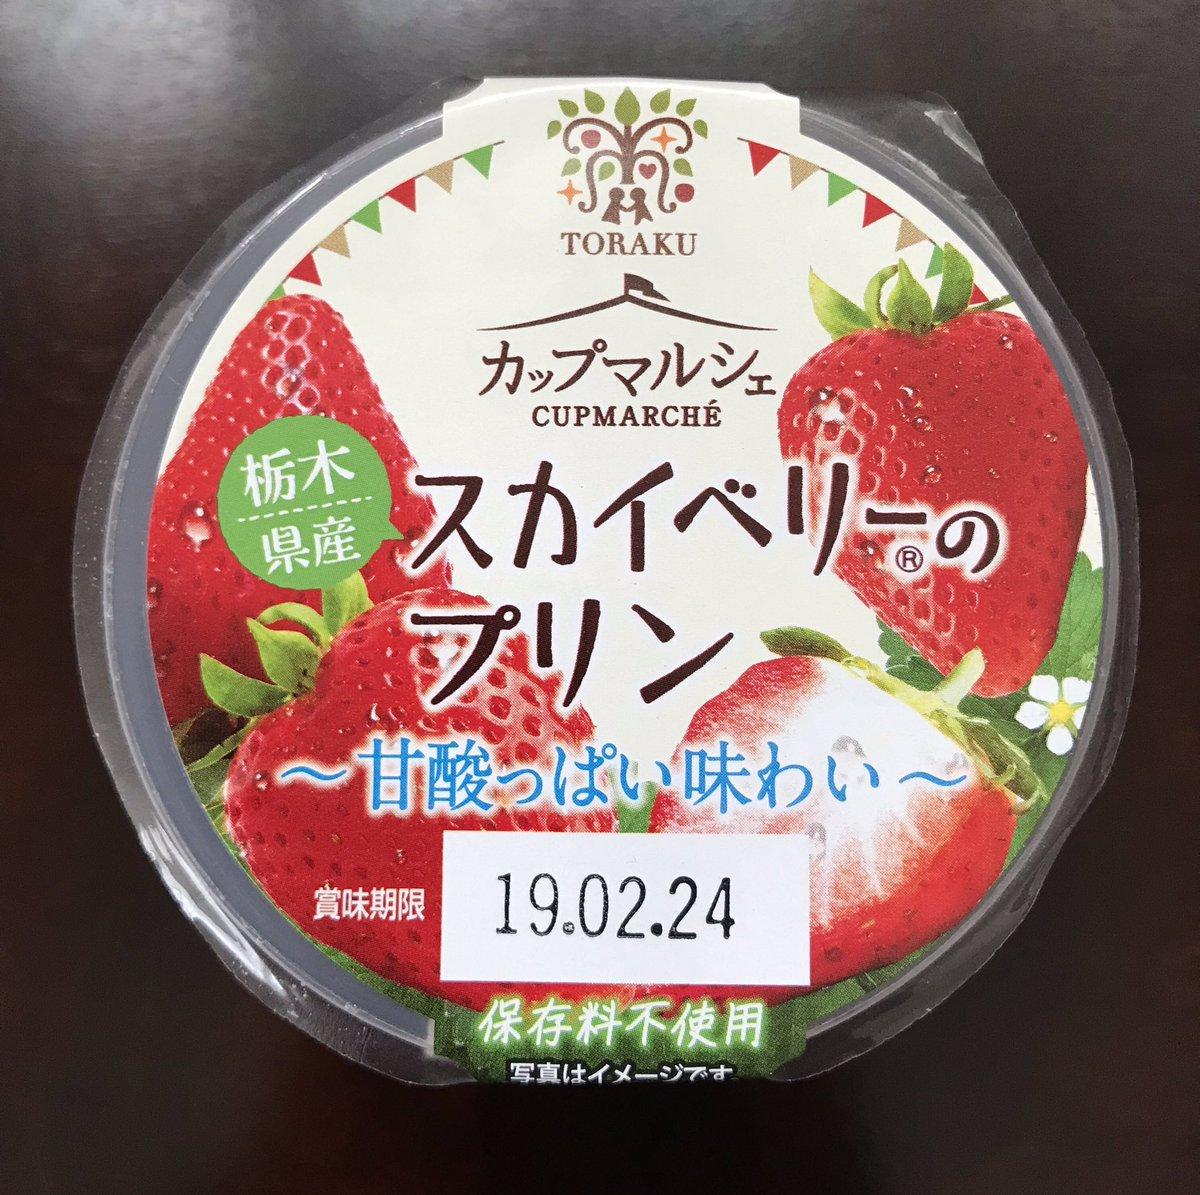 test ツイッターメディア - #神戸 ・ #トーラク の #カップマルシェ ・ #スカイベリーのプリン #栃木県産スカイベリー を使用したプリン。 苺の味が濃く、とても美味しい。 カップマルシェに他の種類があるようなので、他の種類も食べてみたいです。 https://t.co/YtZTseEMtK